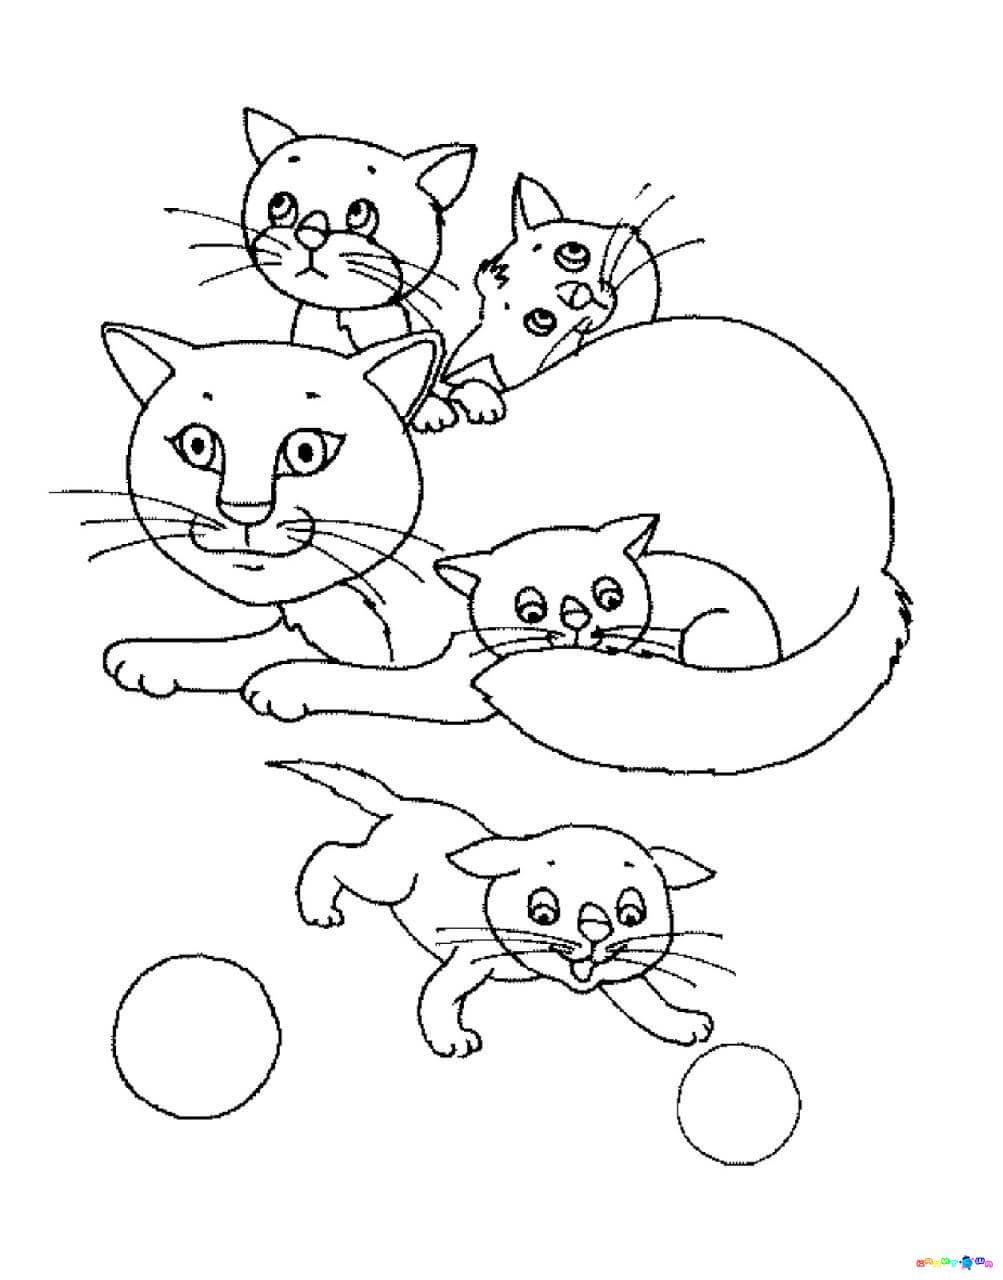 الرقم قلم رصاص للأطفال الطباعة تلوين في الانترنت القطط